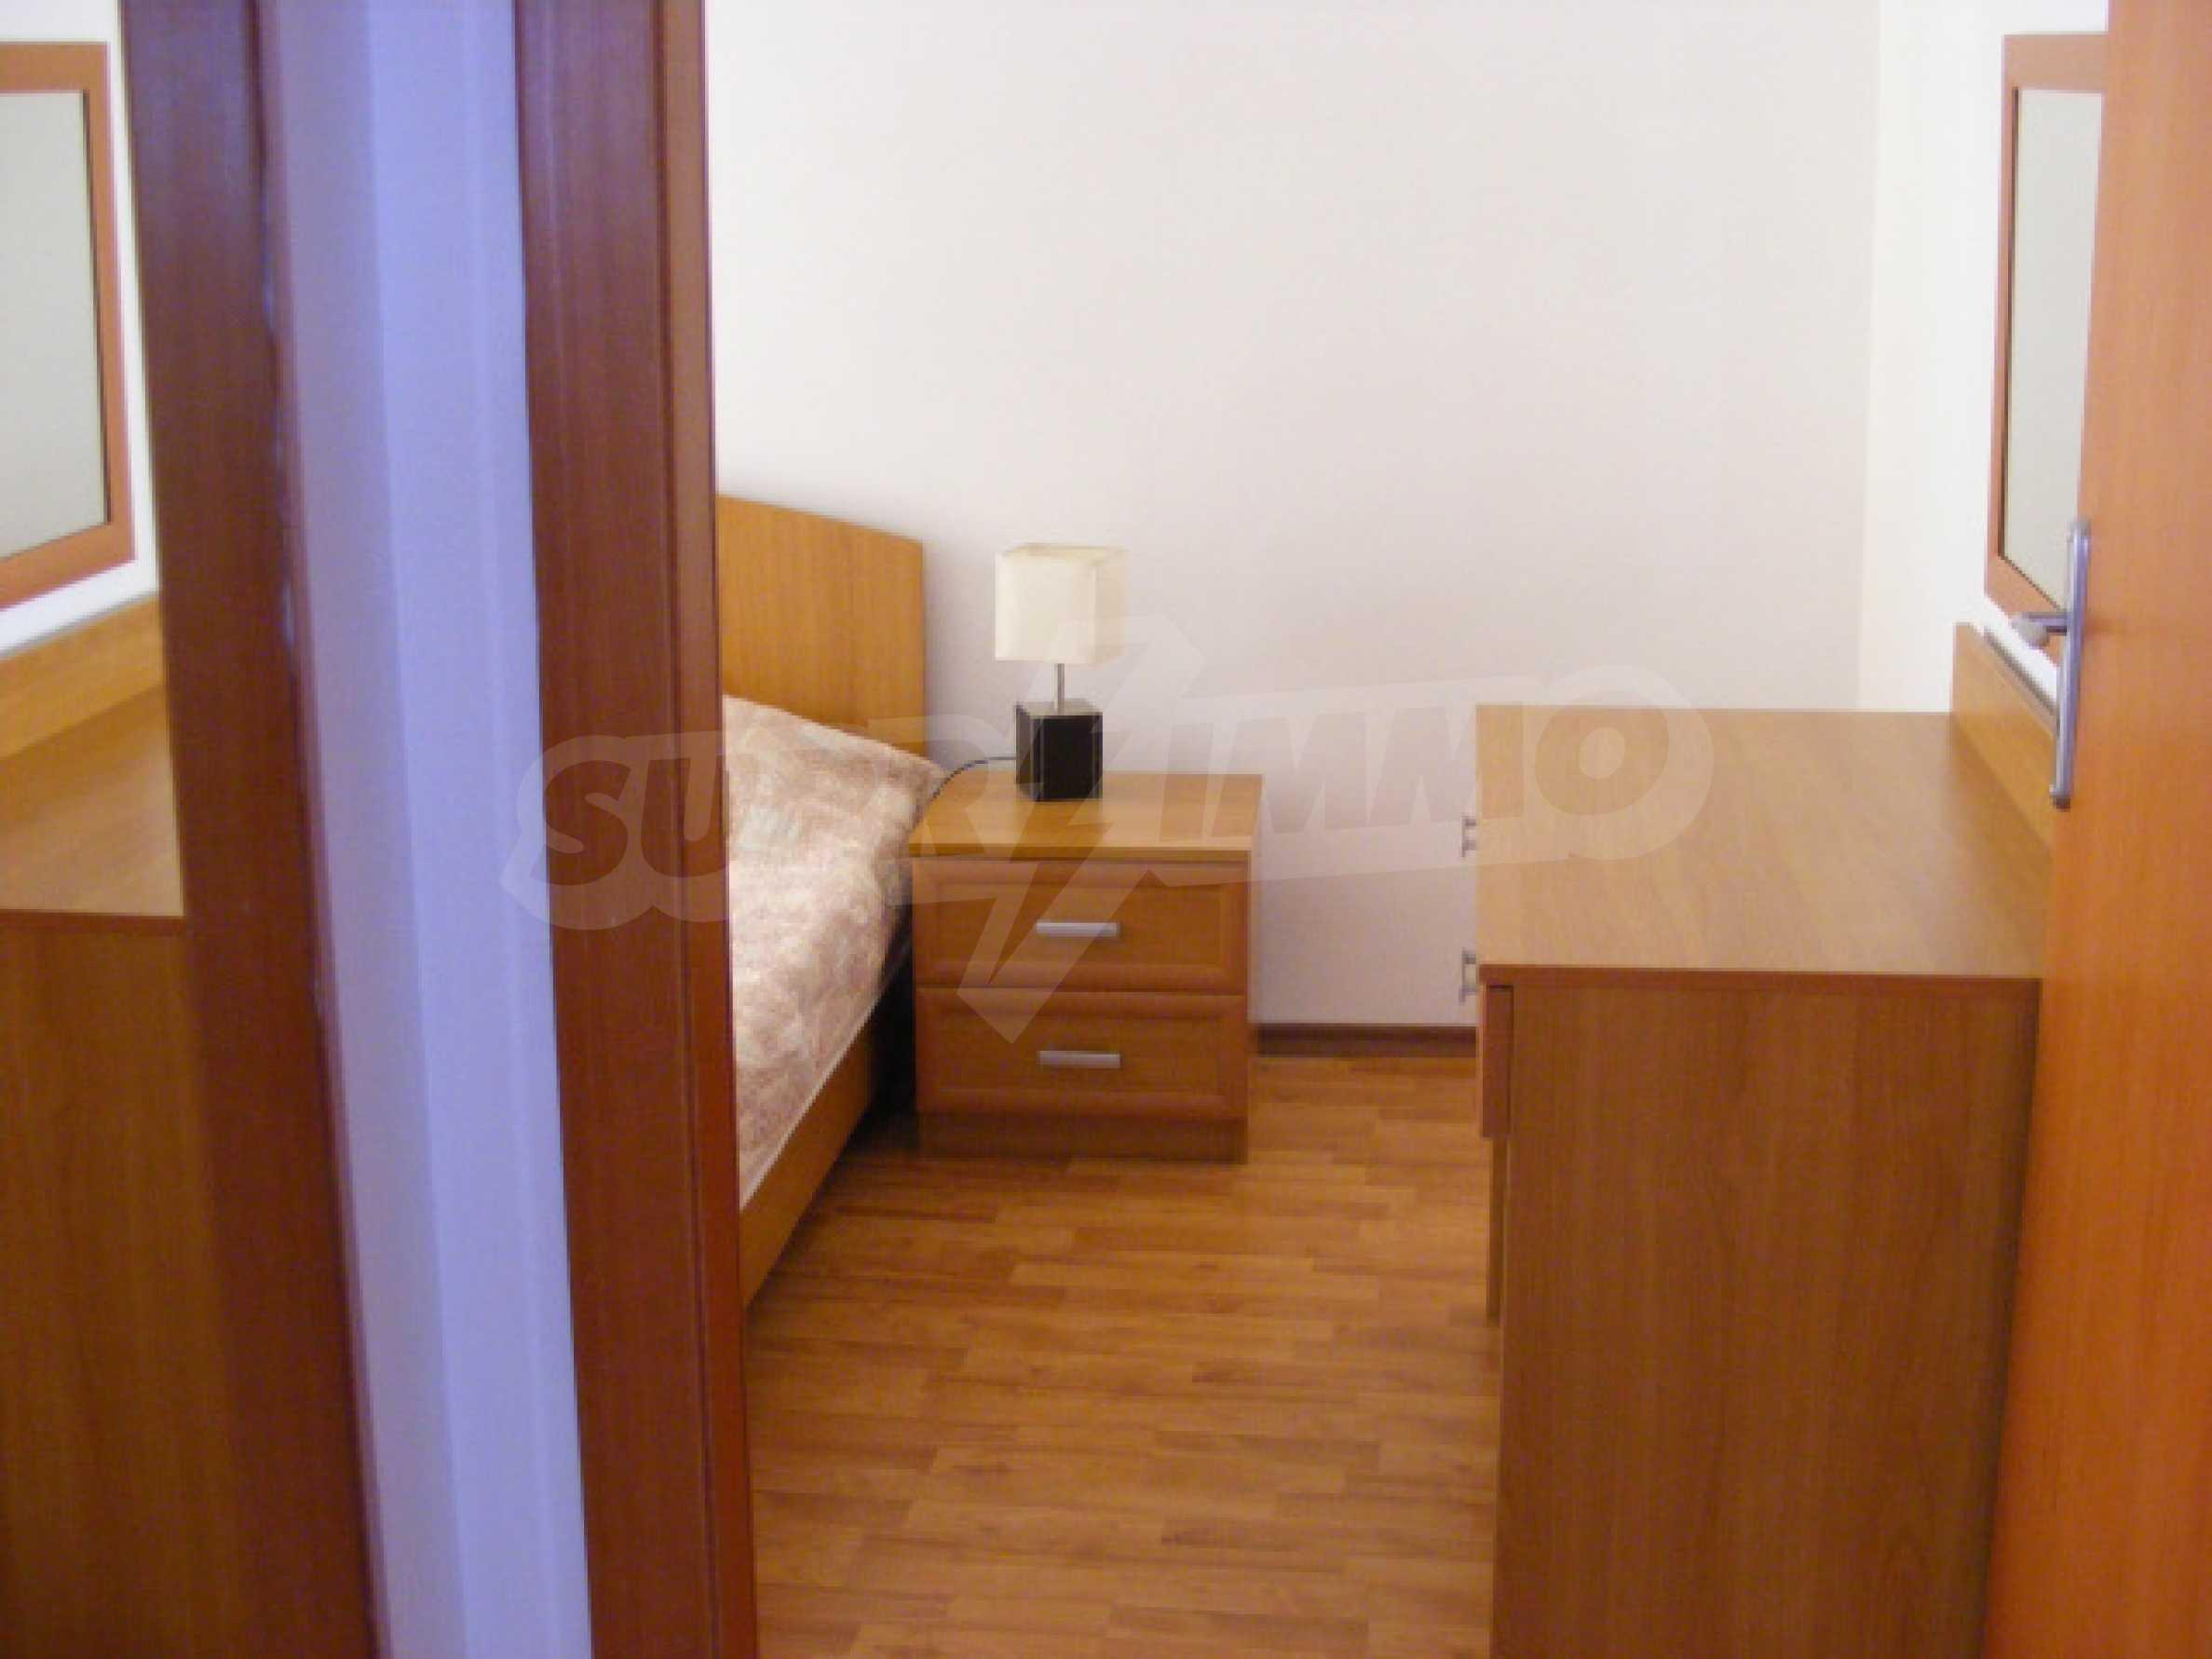 Komplett möbliertes Apartment mit 1 Schlafzimmer in Sunny Beach Goldener Sand, mit Meerblick 11